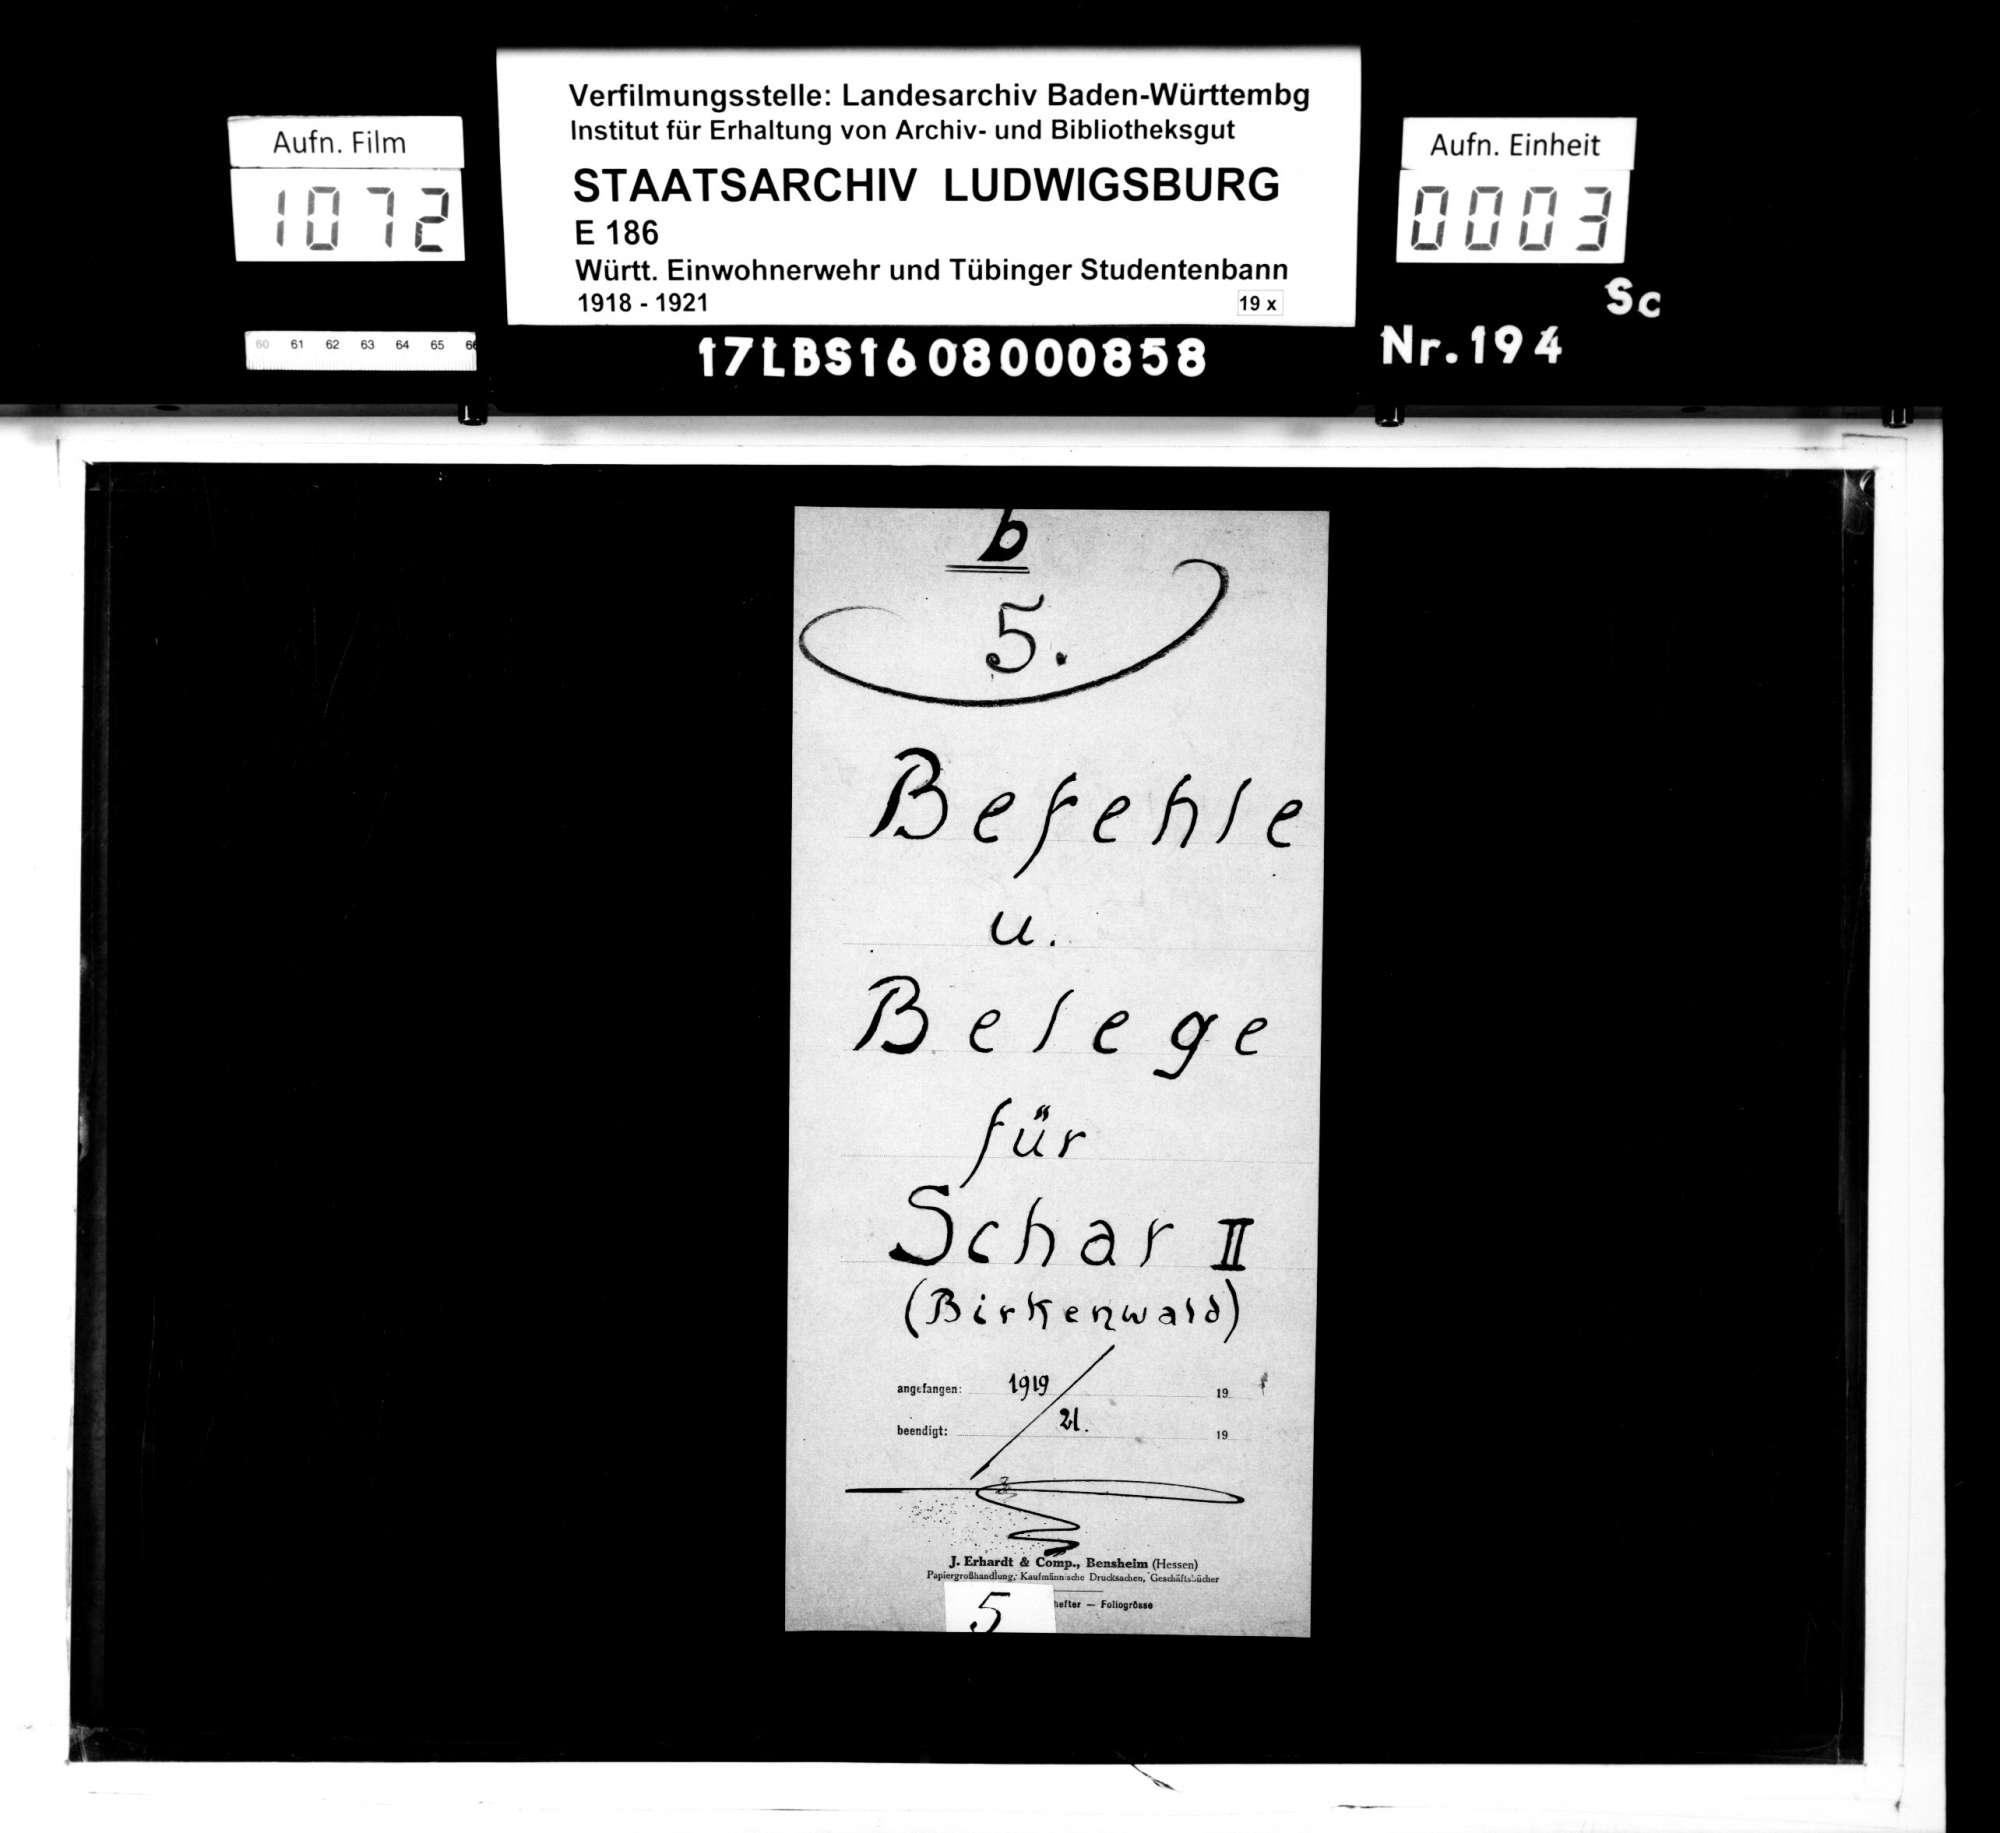 Bann 7/Schar 2 (Birkenwald): Befehle und Belege, Bild 1